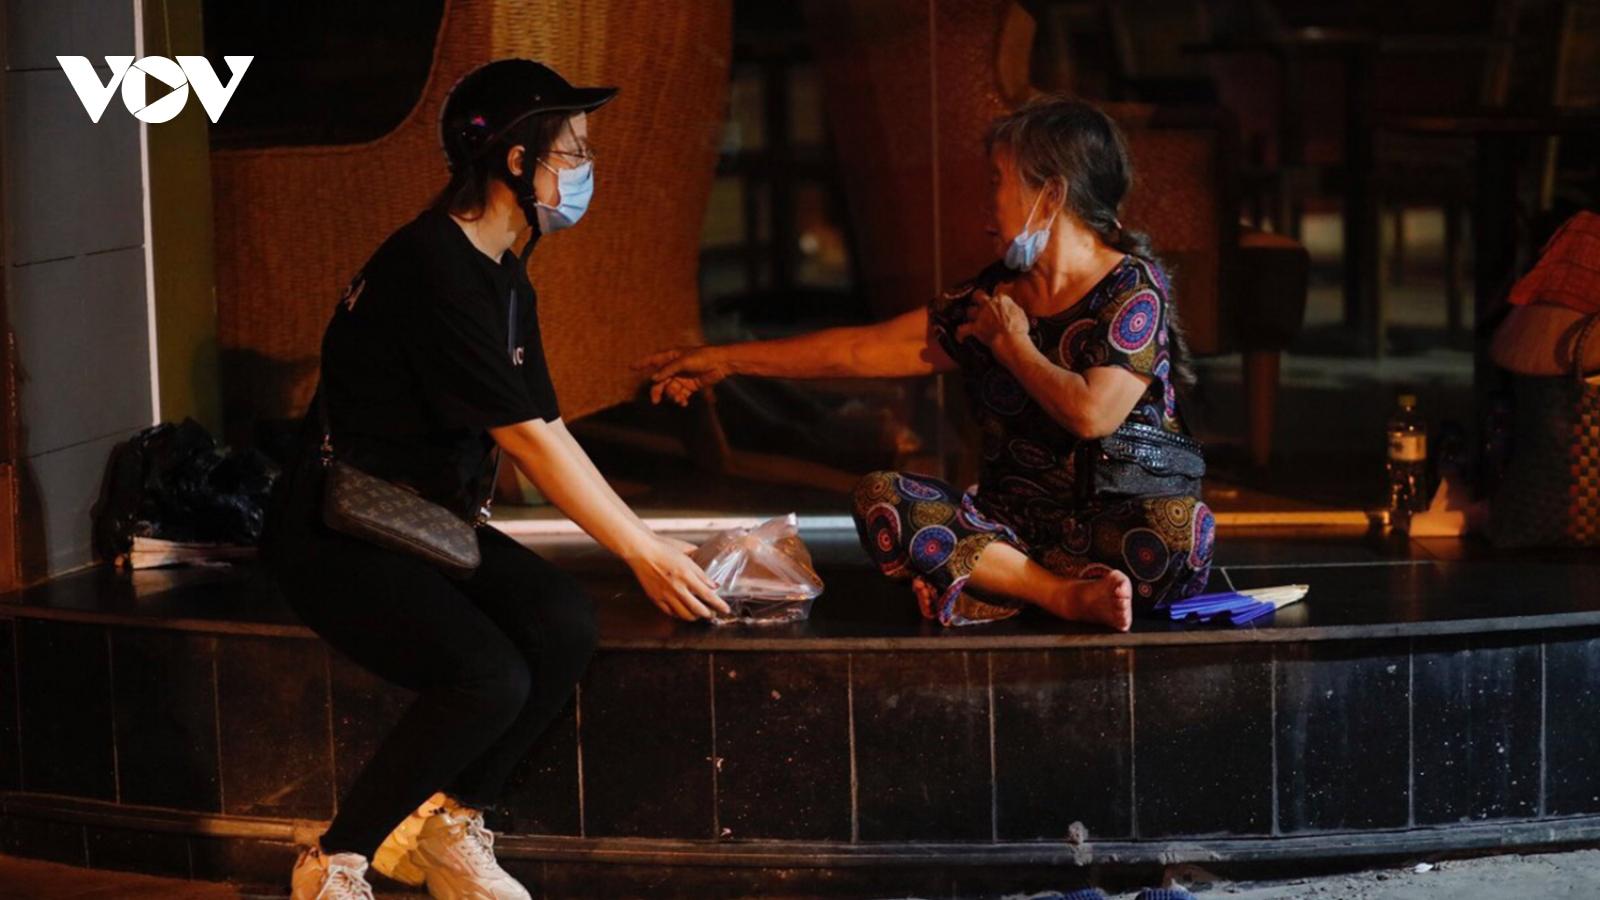 Người vô gia cư, người lao động xúc động nhận suất cơm 0 đồng trong đêm